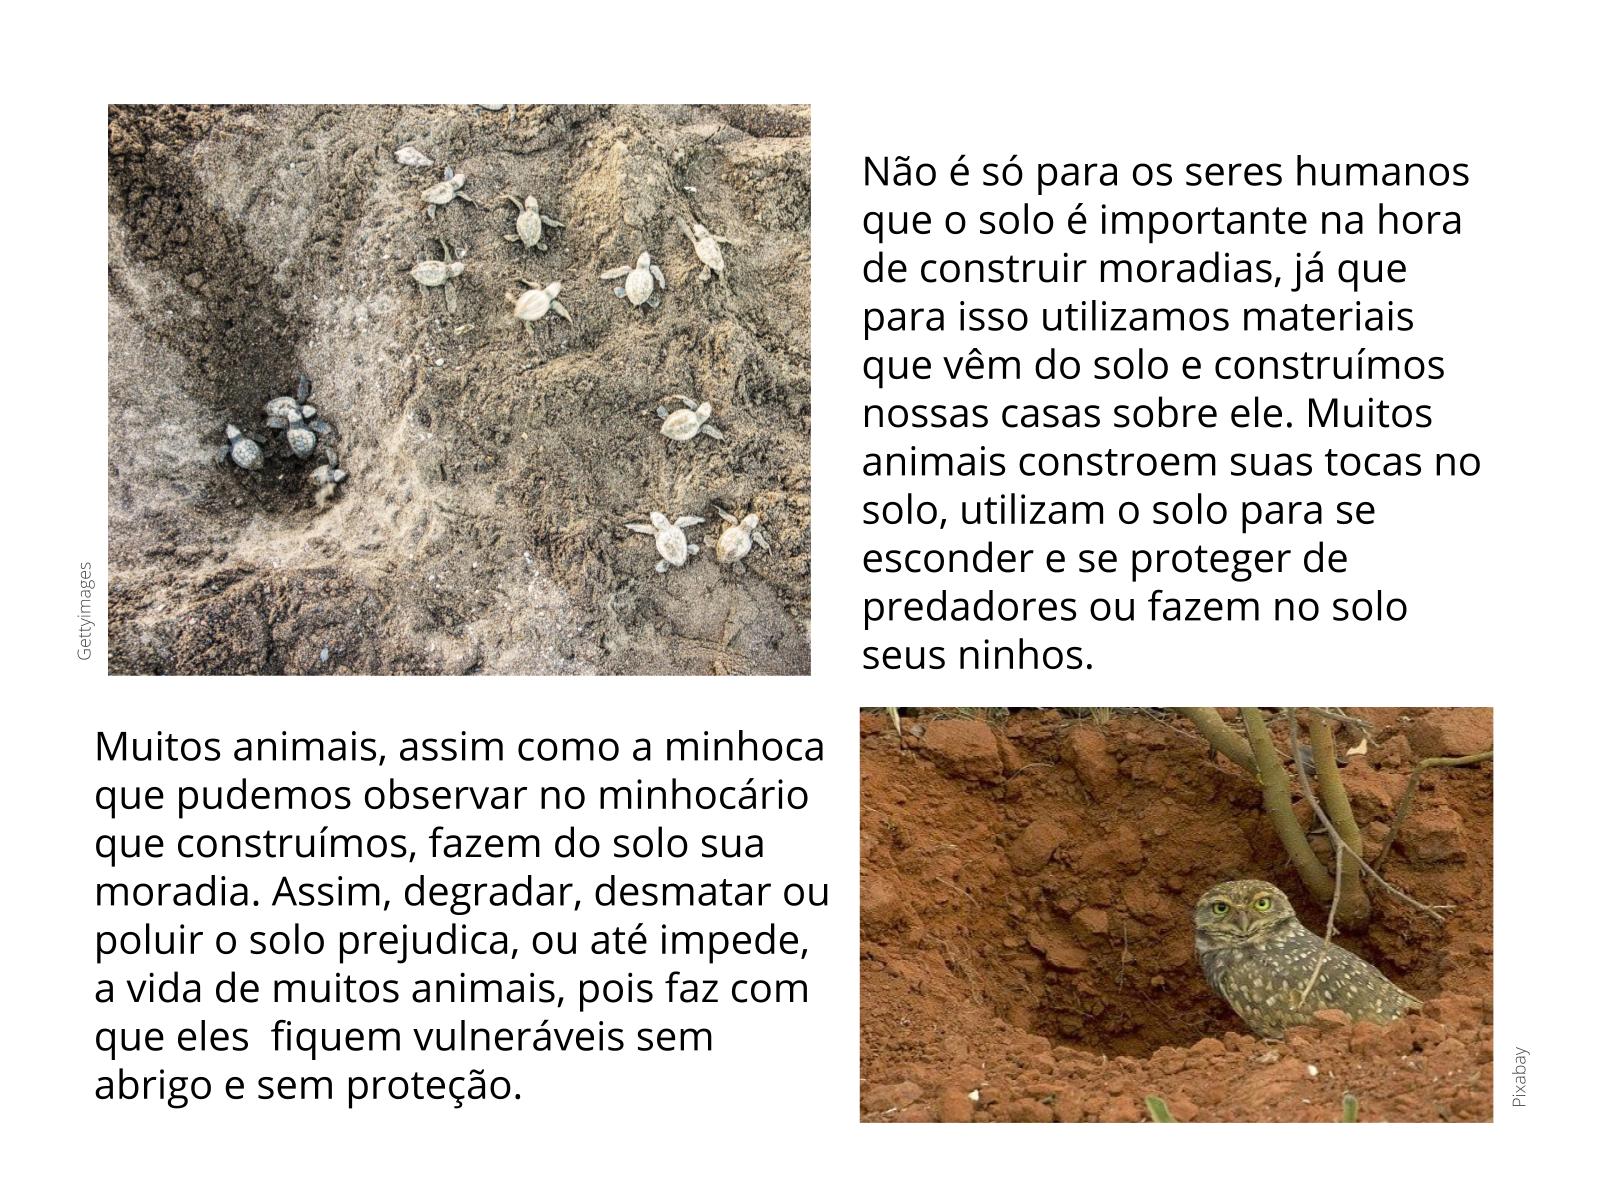 O solo é a casa de animais